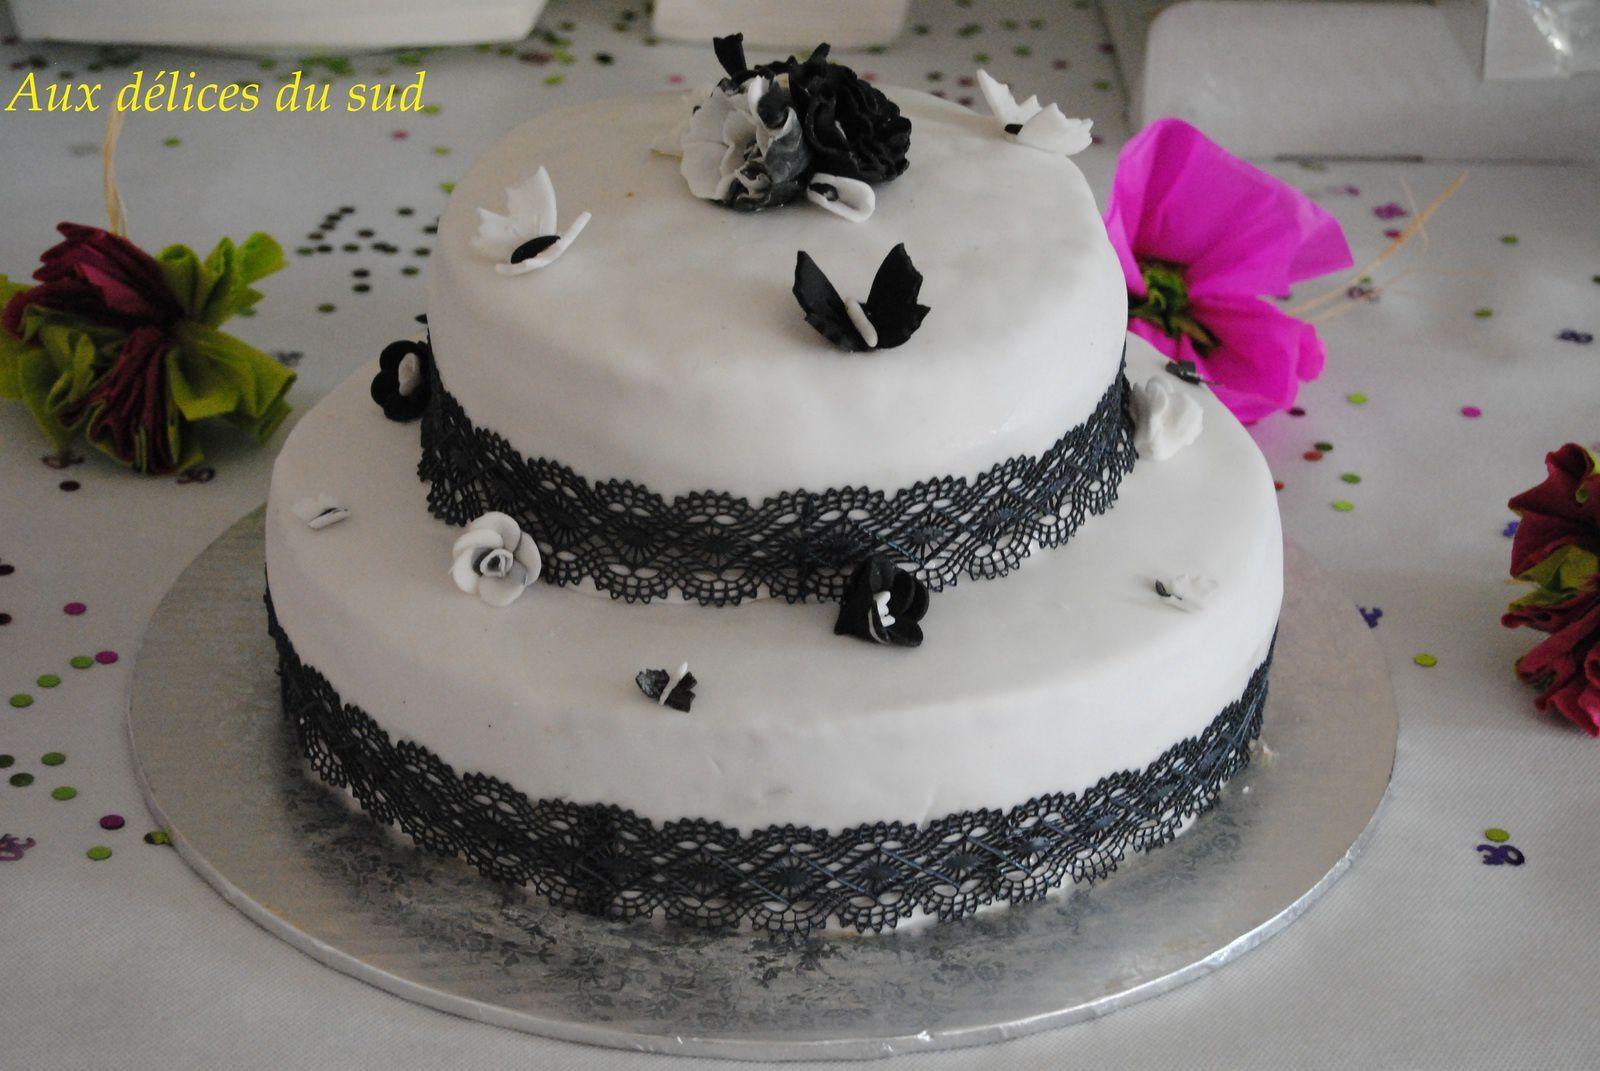 Gâteau à étages noir et blanc pour l'anniversaire de Julie .